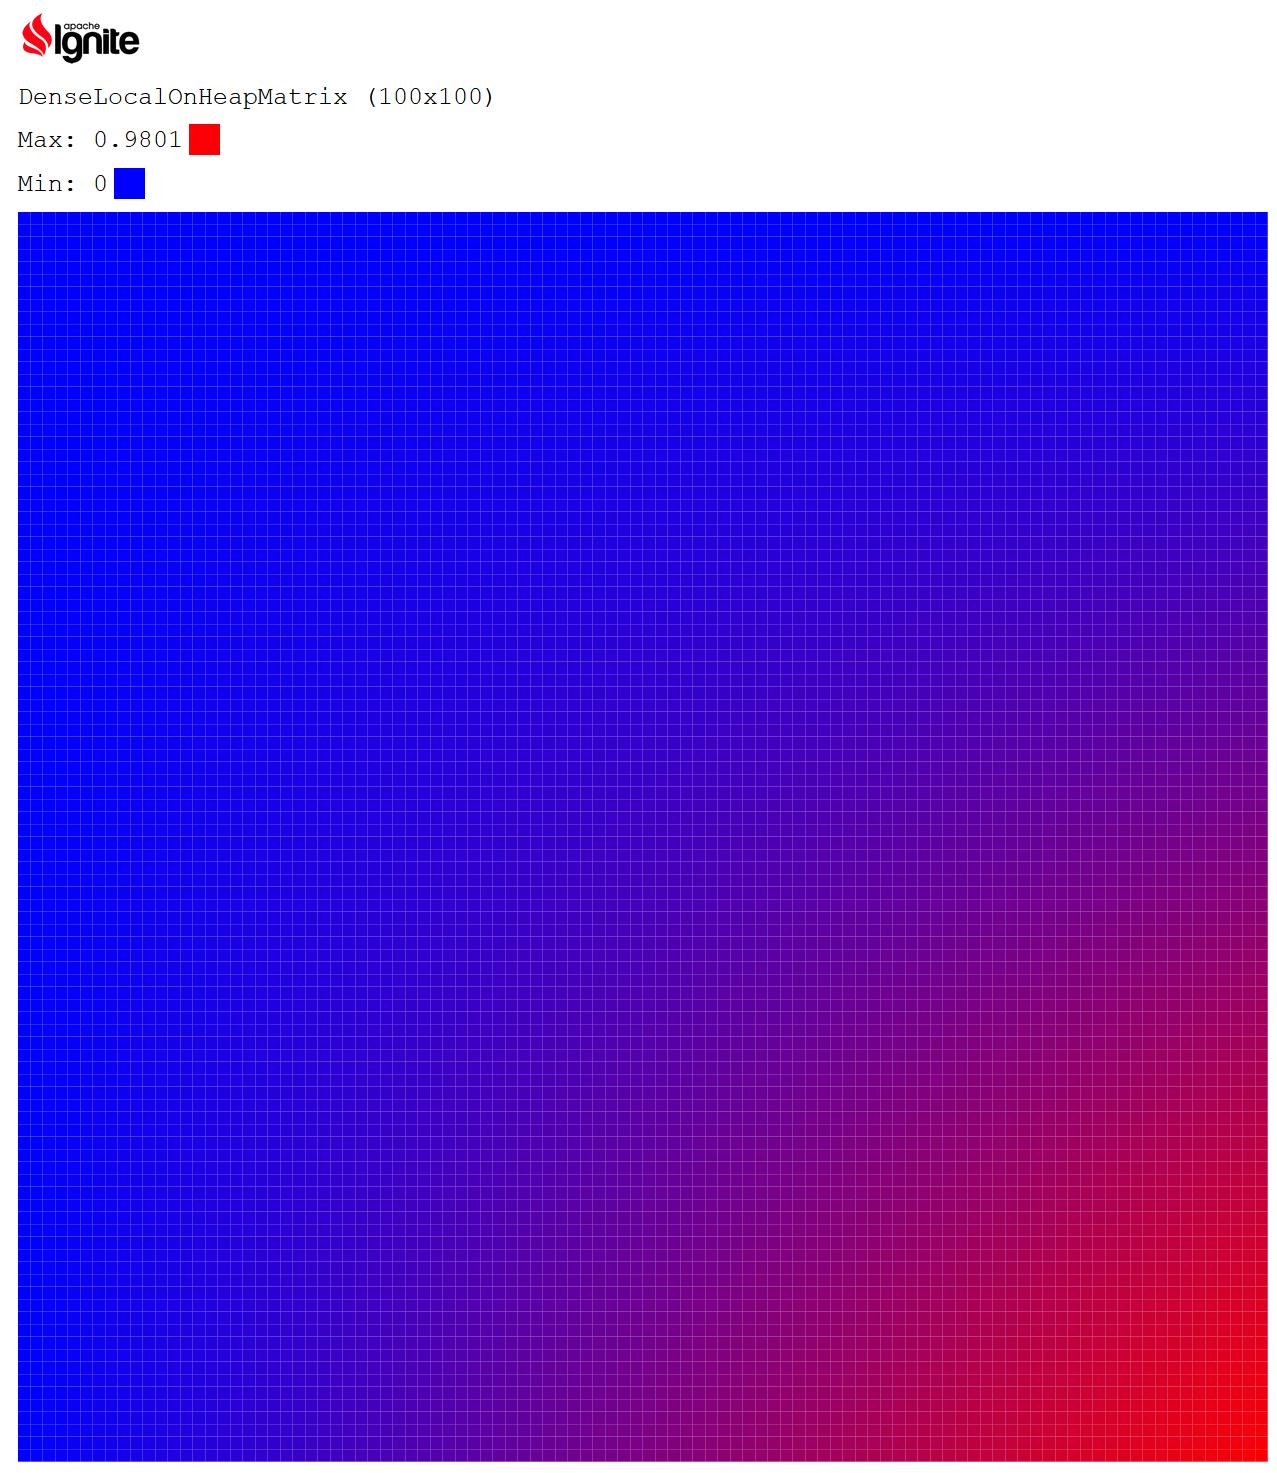 скриншот — вывод в браузере модифицированного примера